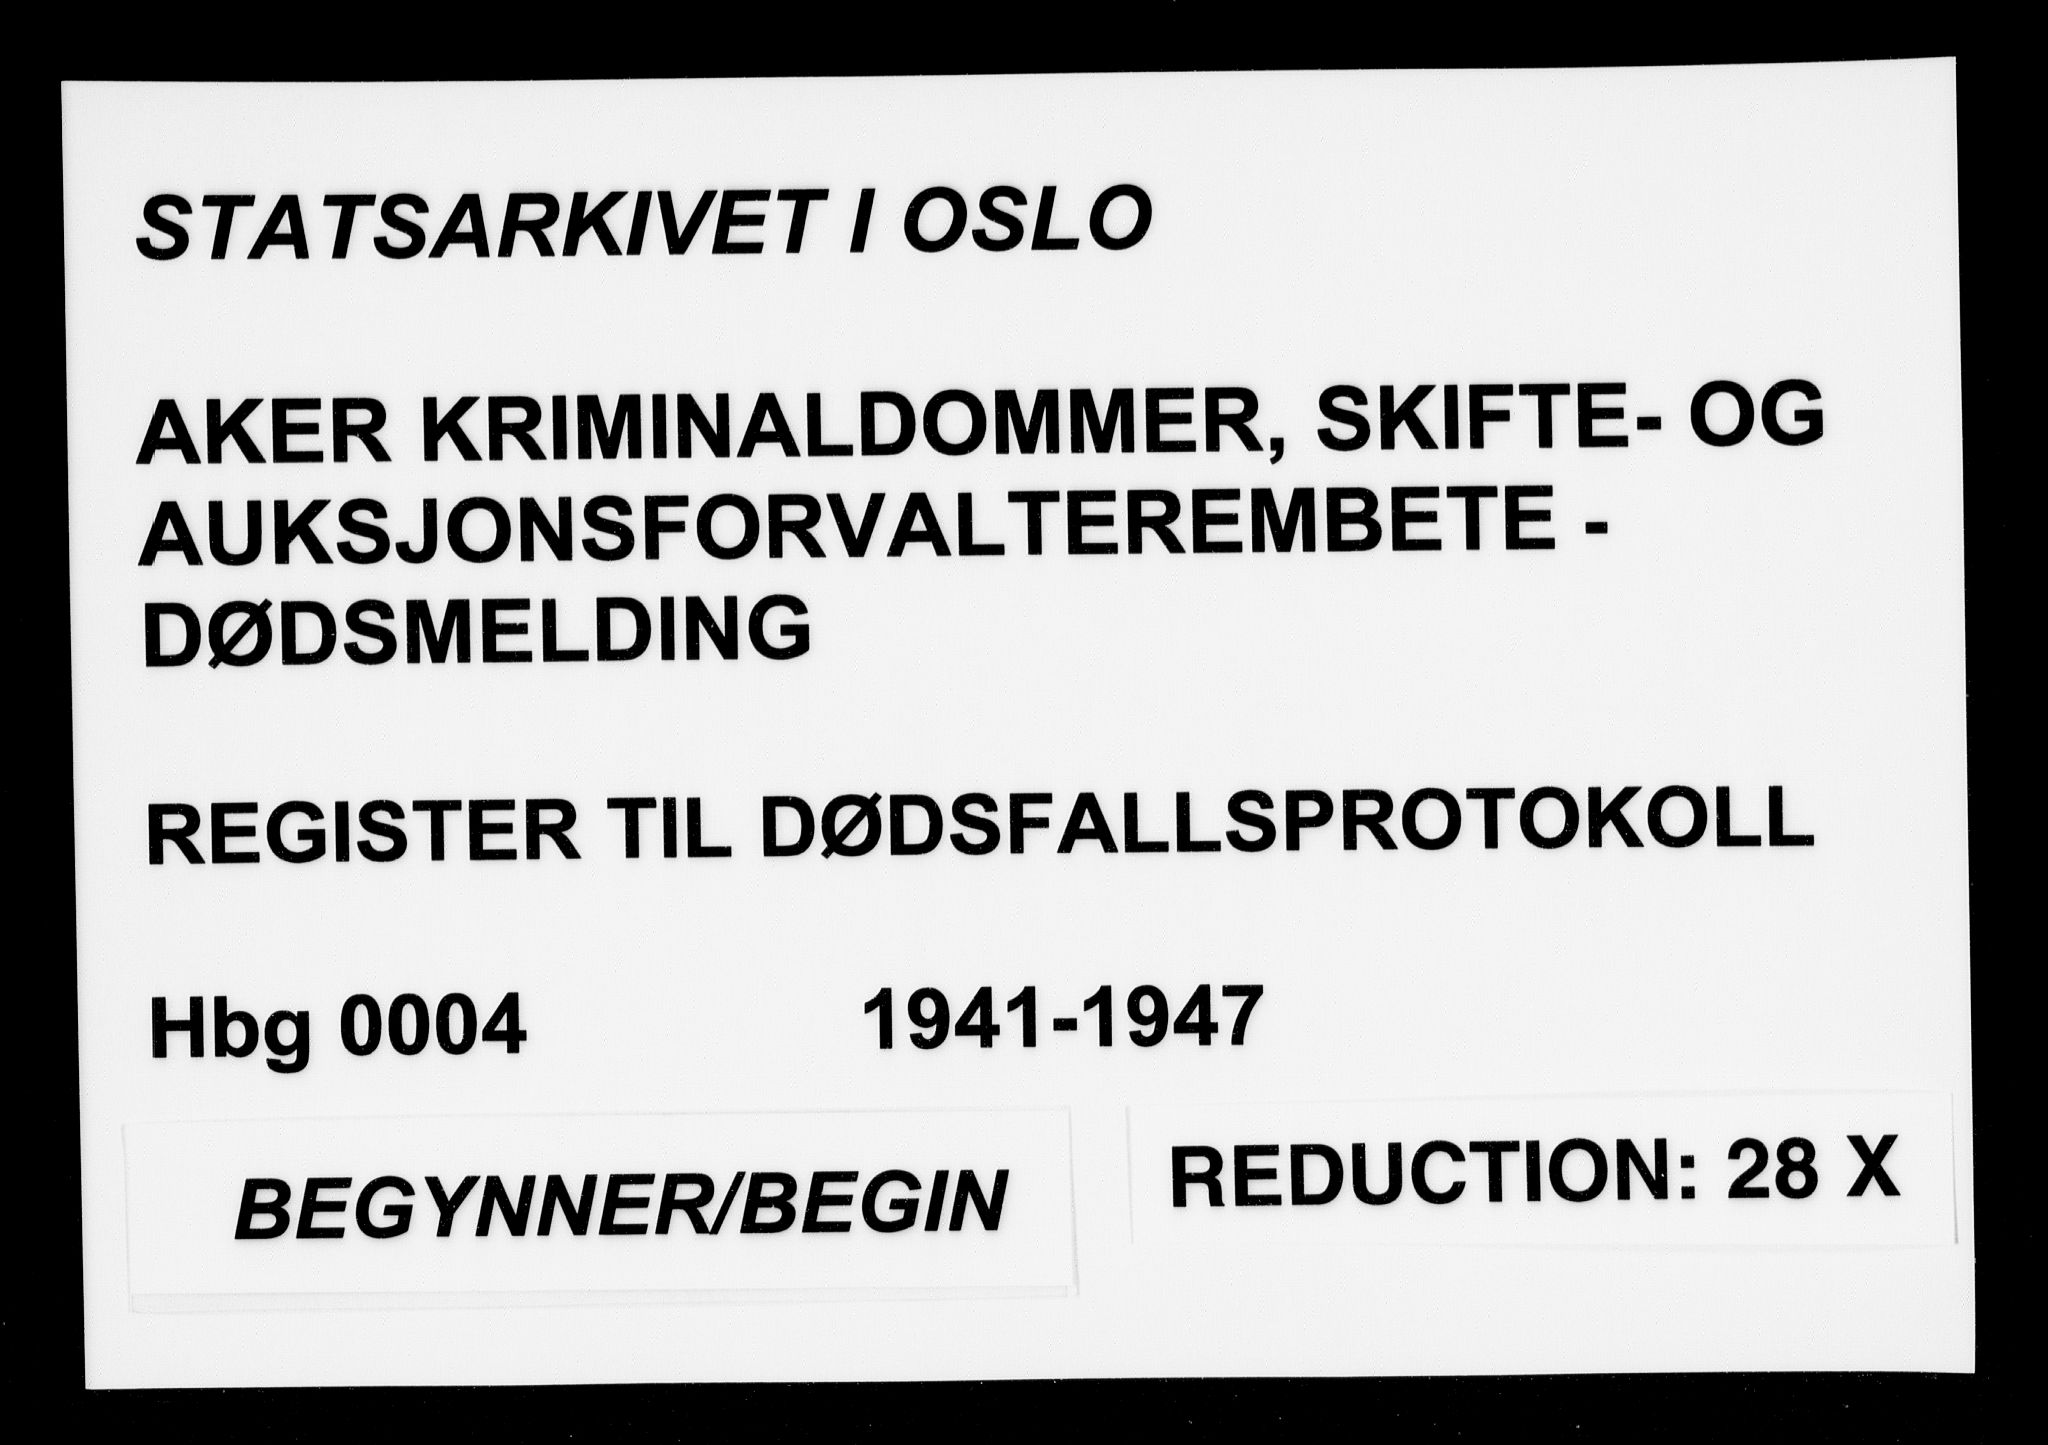 SAO, Aker kriminaldommer, skifte- og auksjonsforvalterembete, H/Ha/Haa/L0004: Register til dødsfallsprotokoll, 1941-1947, s. upaginert